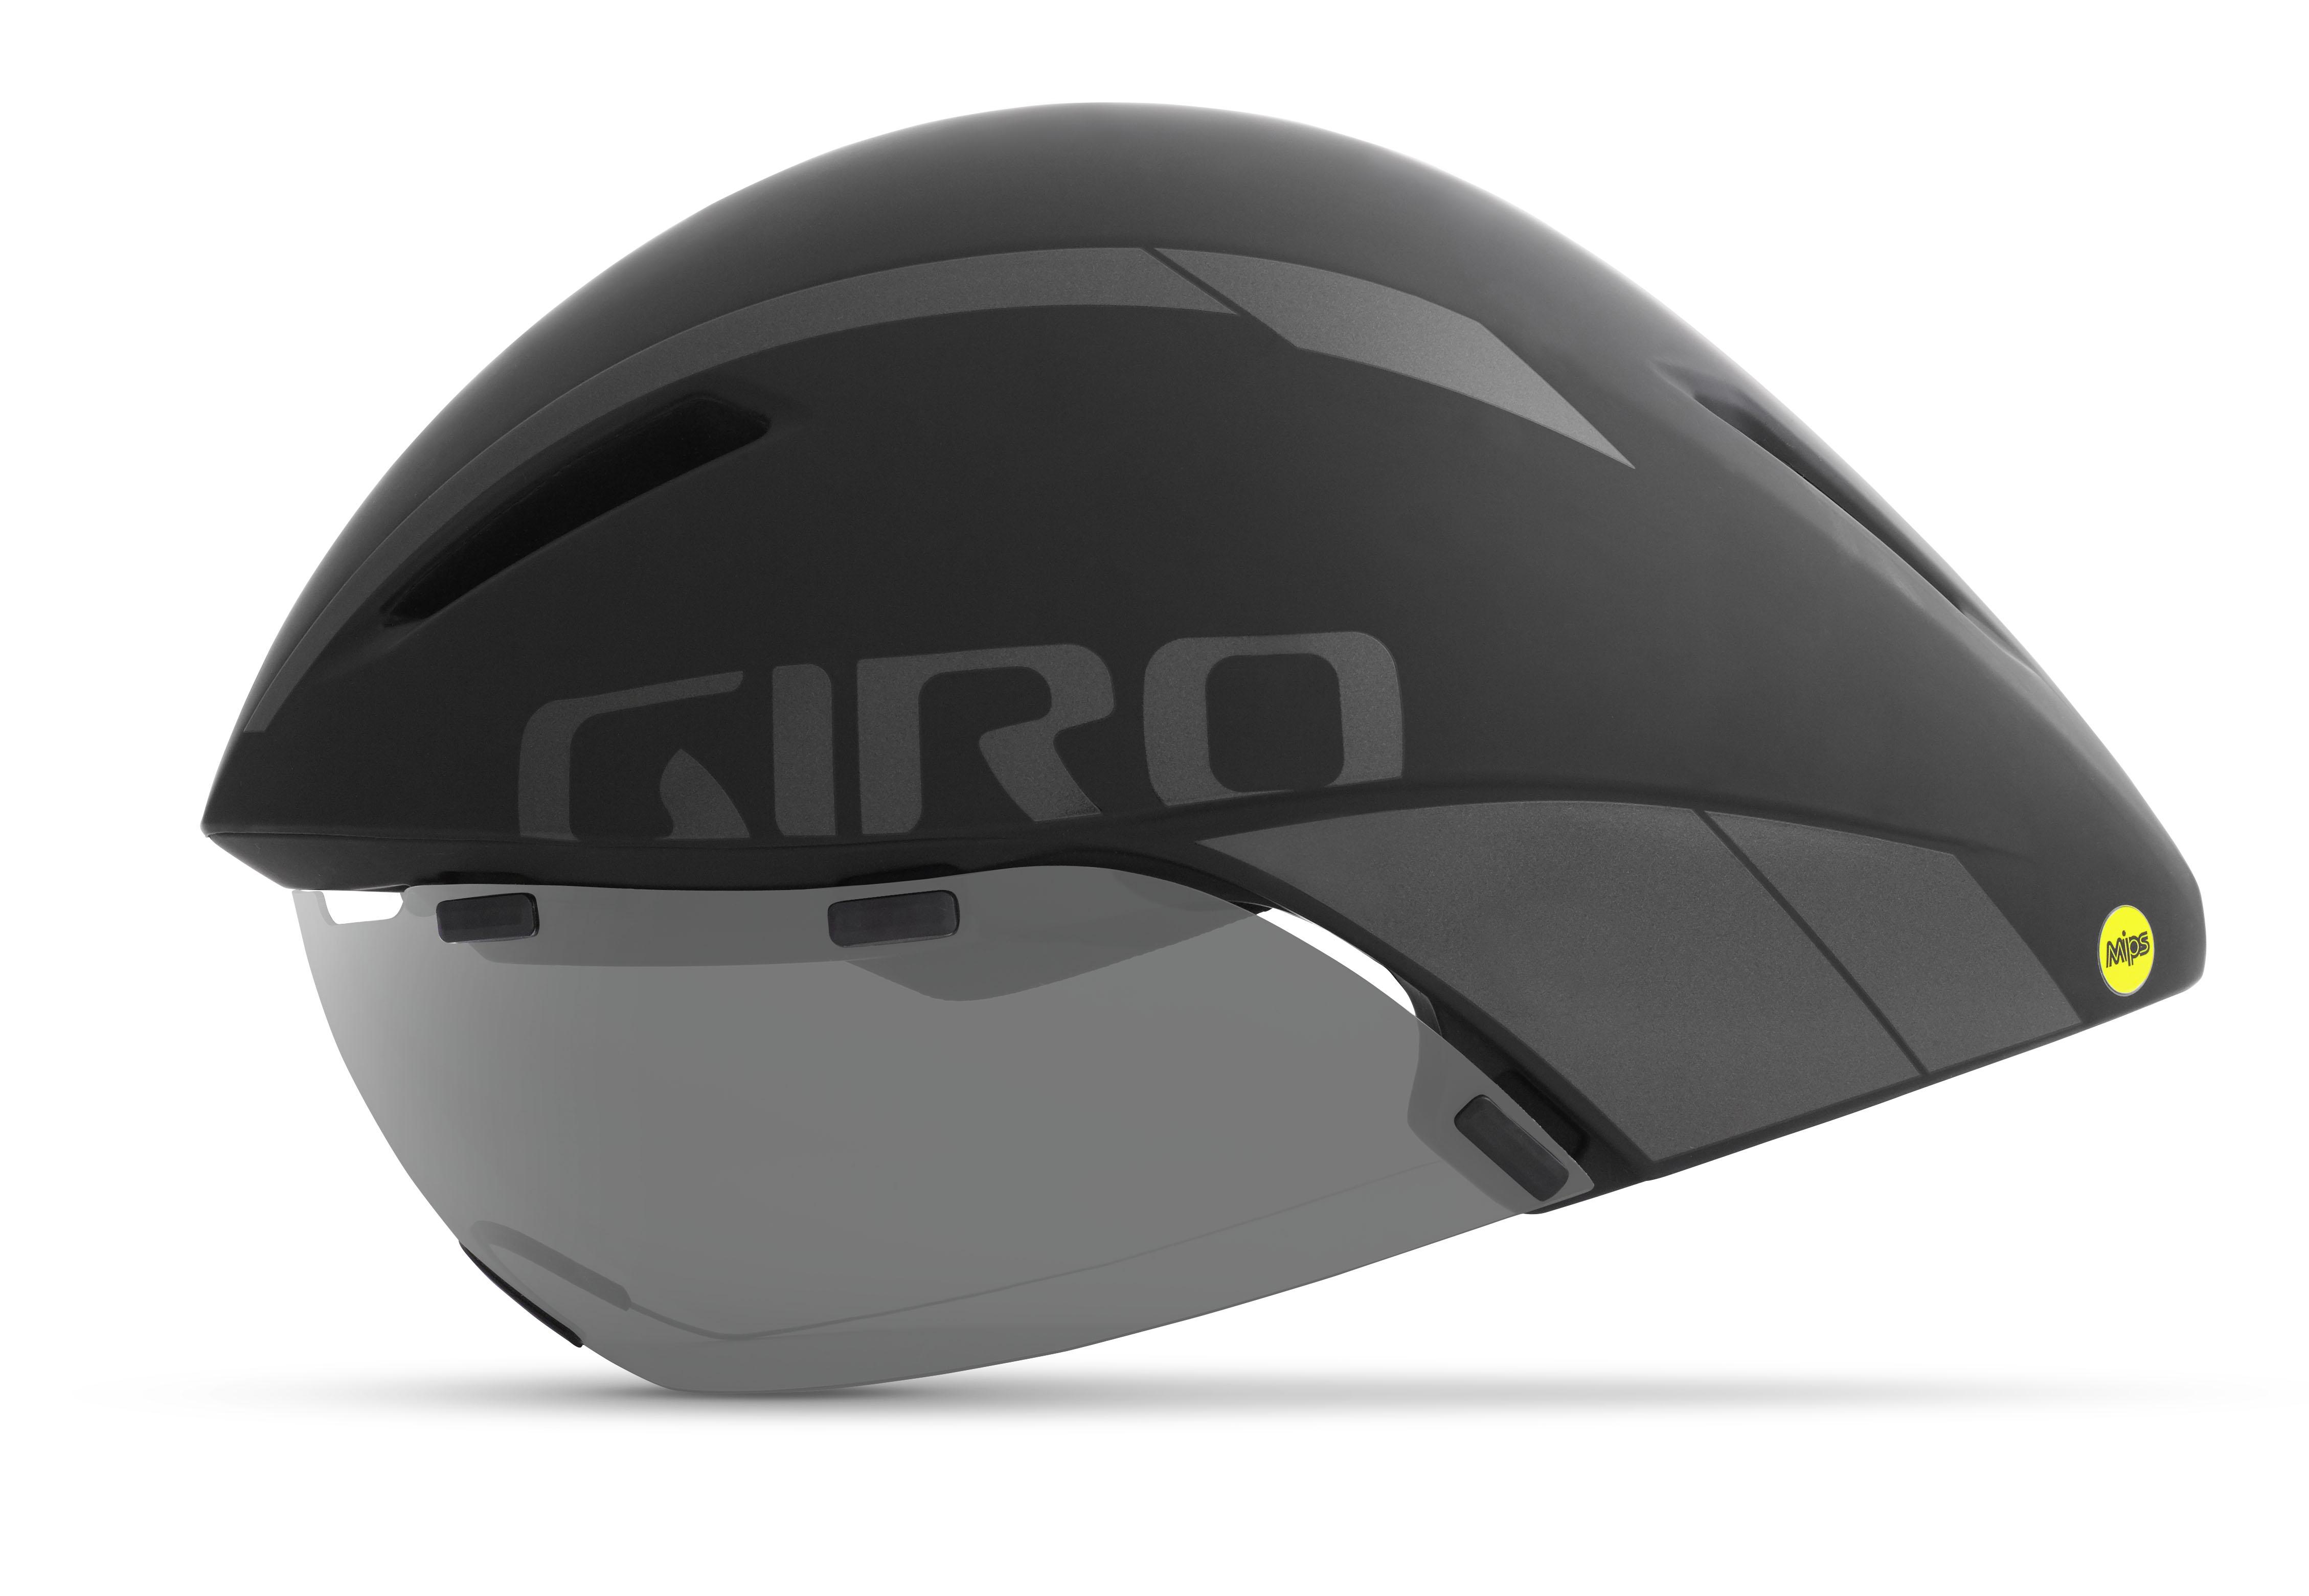 Giro cykelhjelm Aerohead MIPS Sort Sort L/59-63CM SORT L 59-63 CM | Hjelme